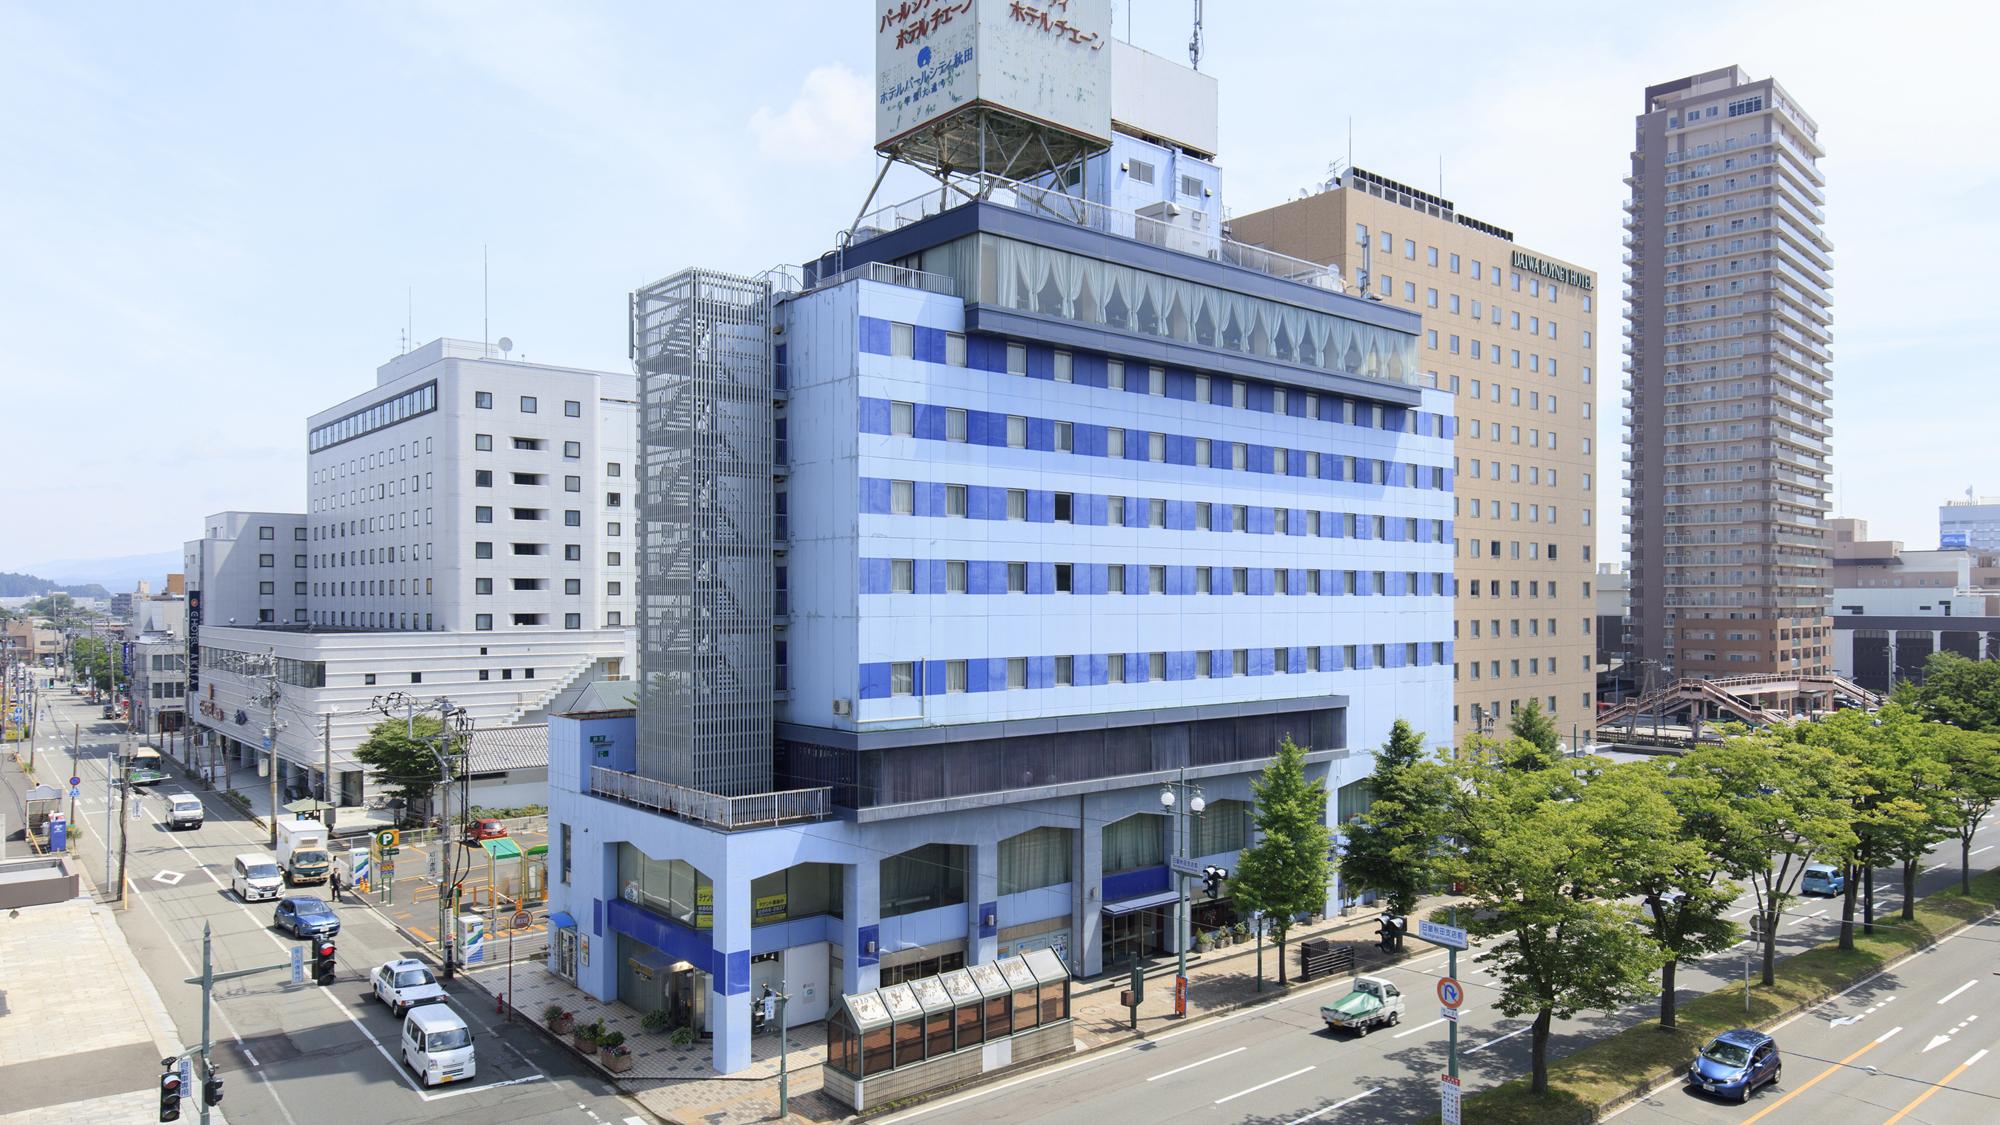 ホテルパールシティ秋田 竿燈大通り(旧 アキタスカイホテル)